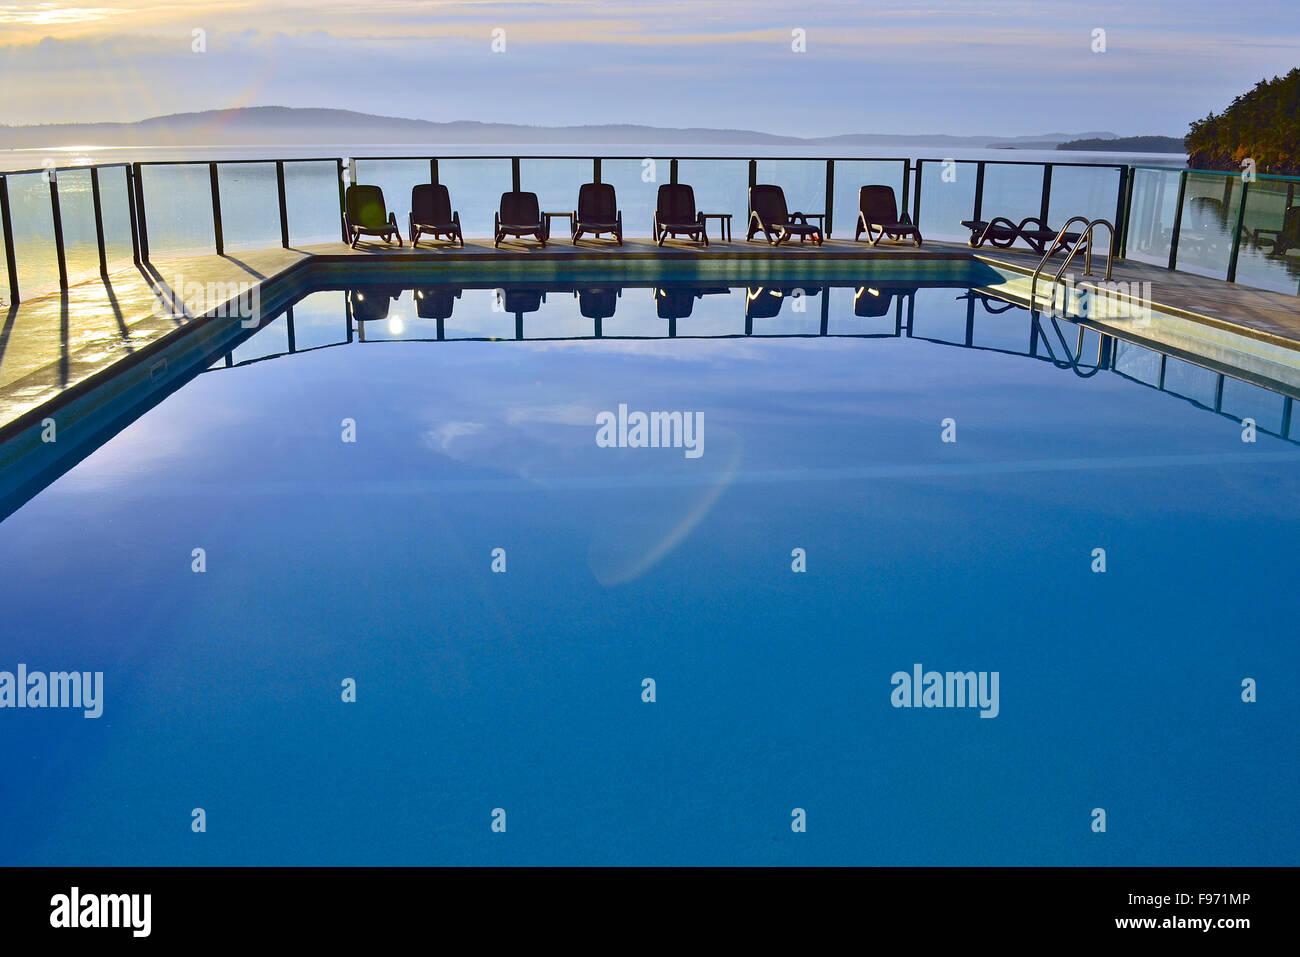 Une image horizontale d'une piscine extérieure avec une gamme de fauteuils à une vacation resort sur Photo Stock